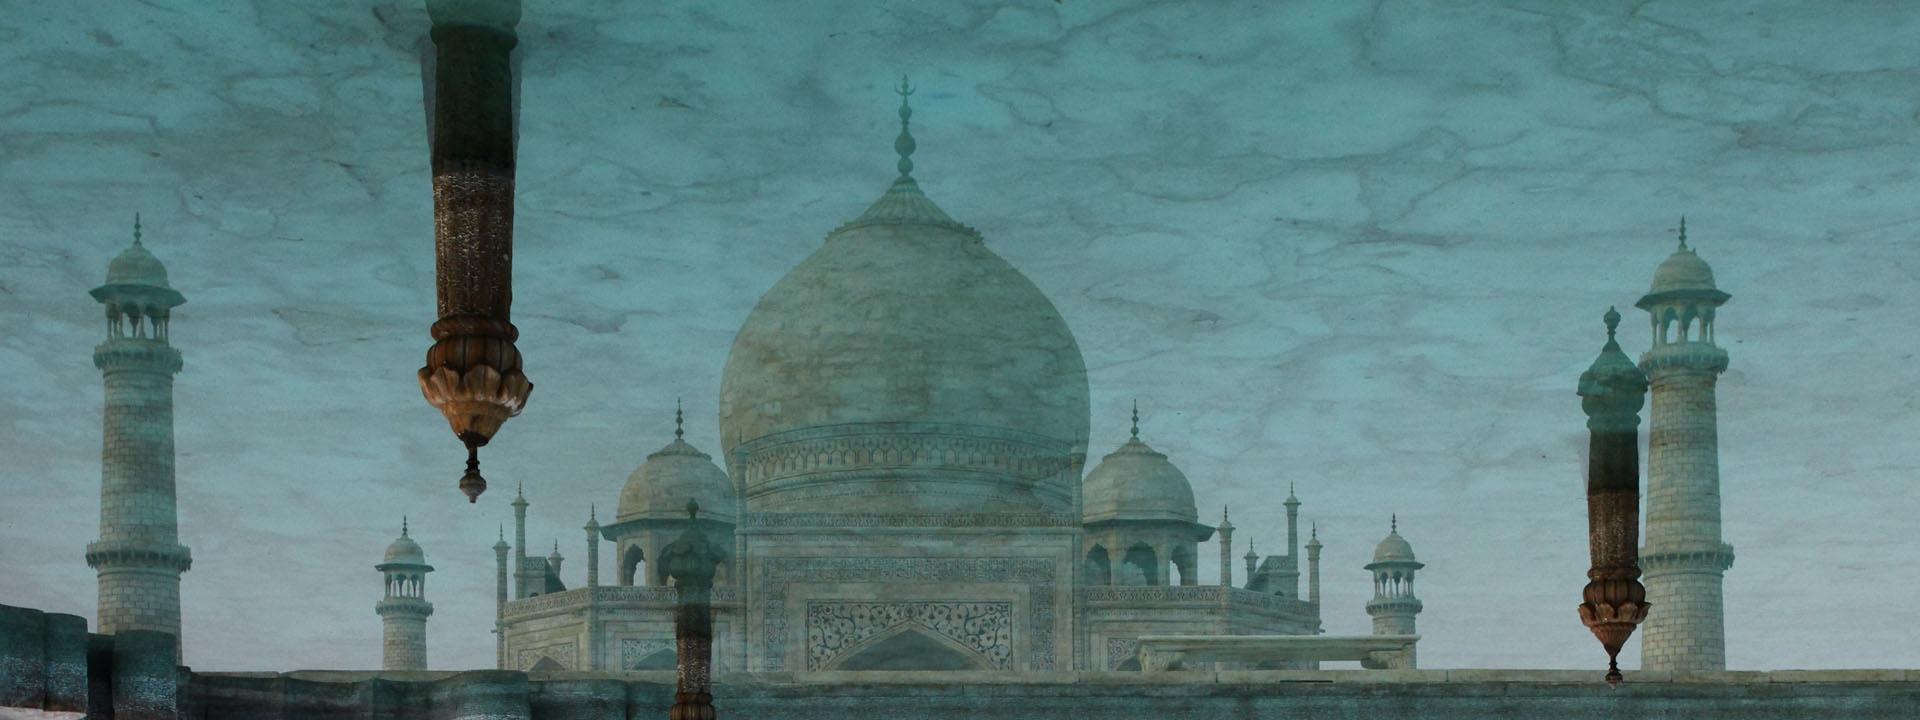 Taj Mahal Spiegelung